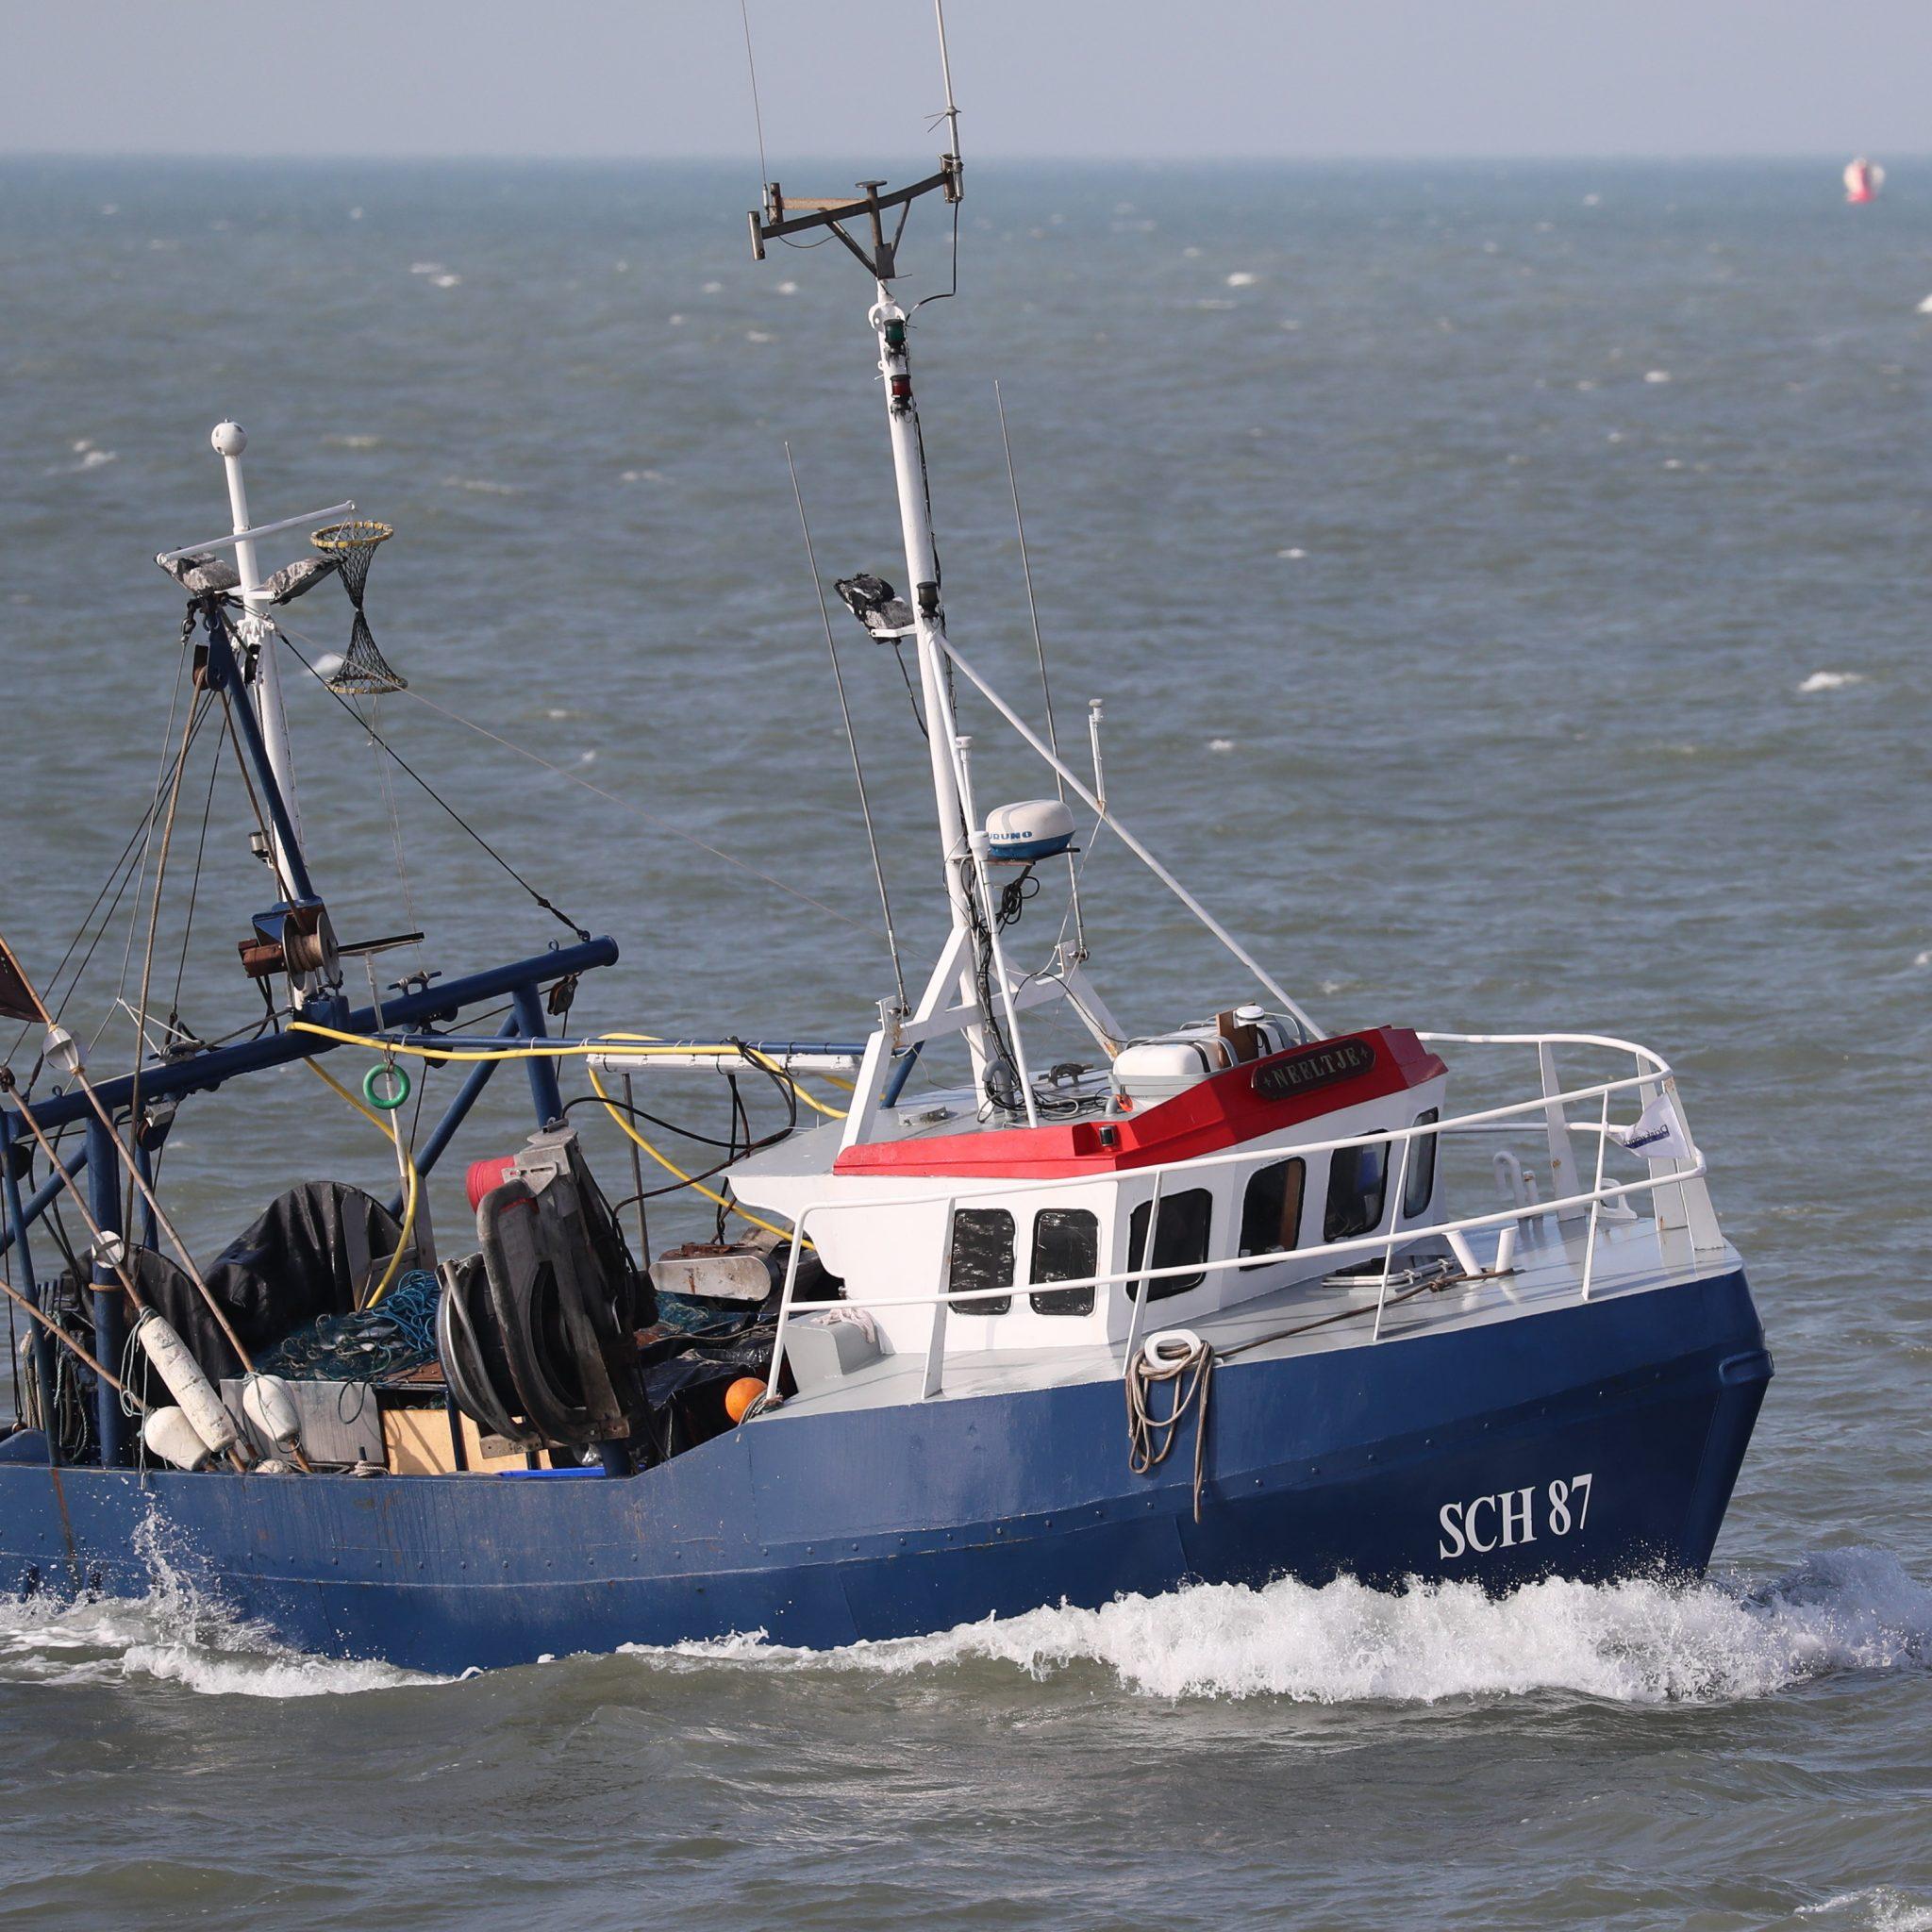 De SCH-87 in haar element voor de kust van Scheveningen. (Foto Bram Pronk)